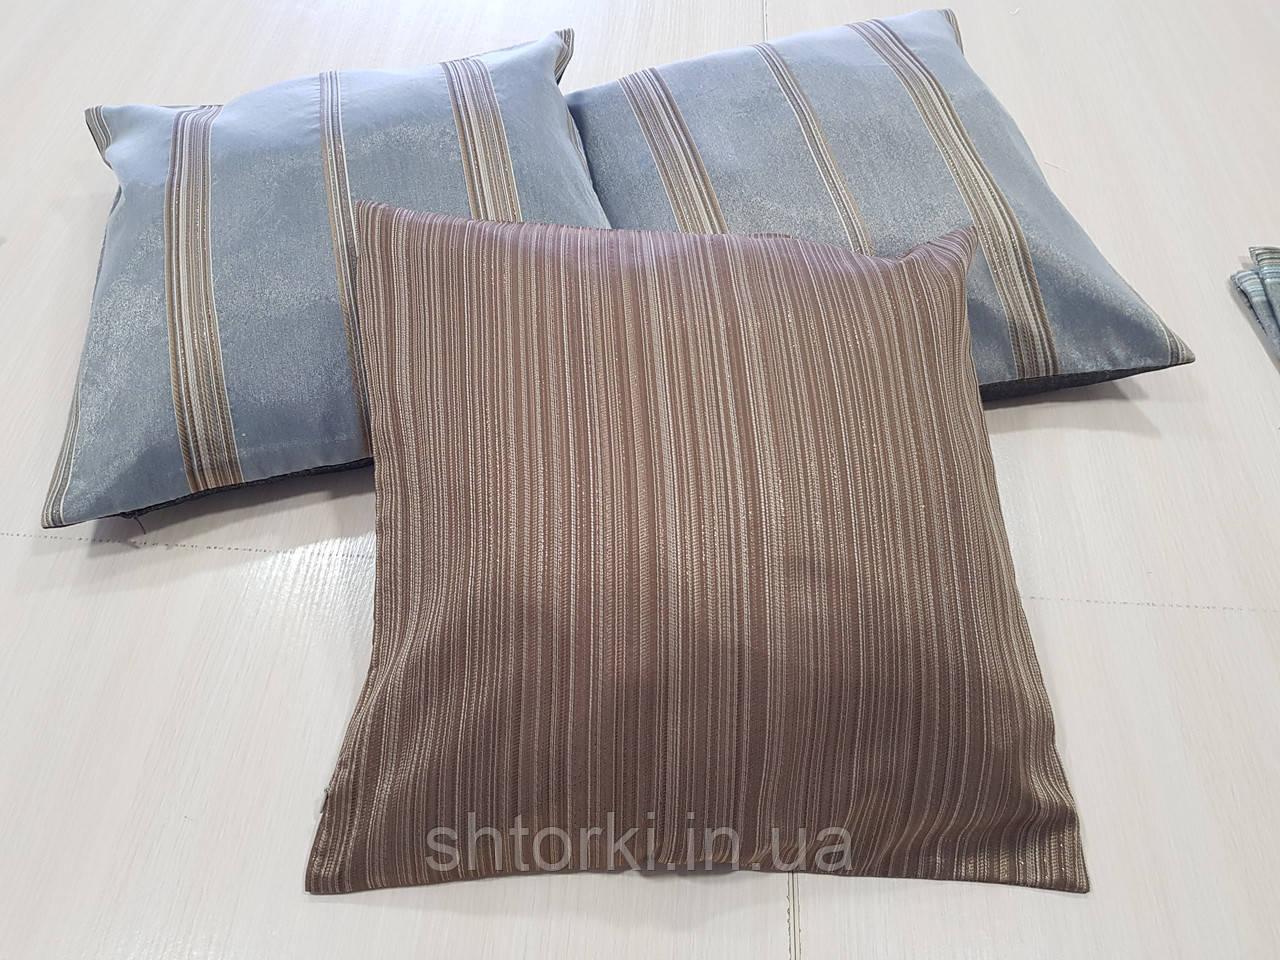 Комплект подушек полоска коричневые, 3шт